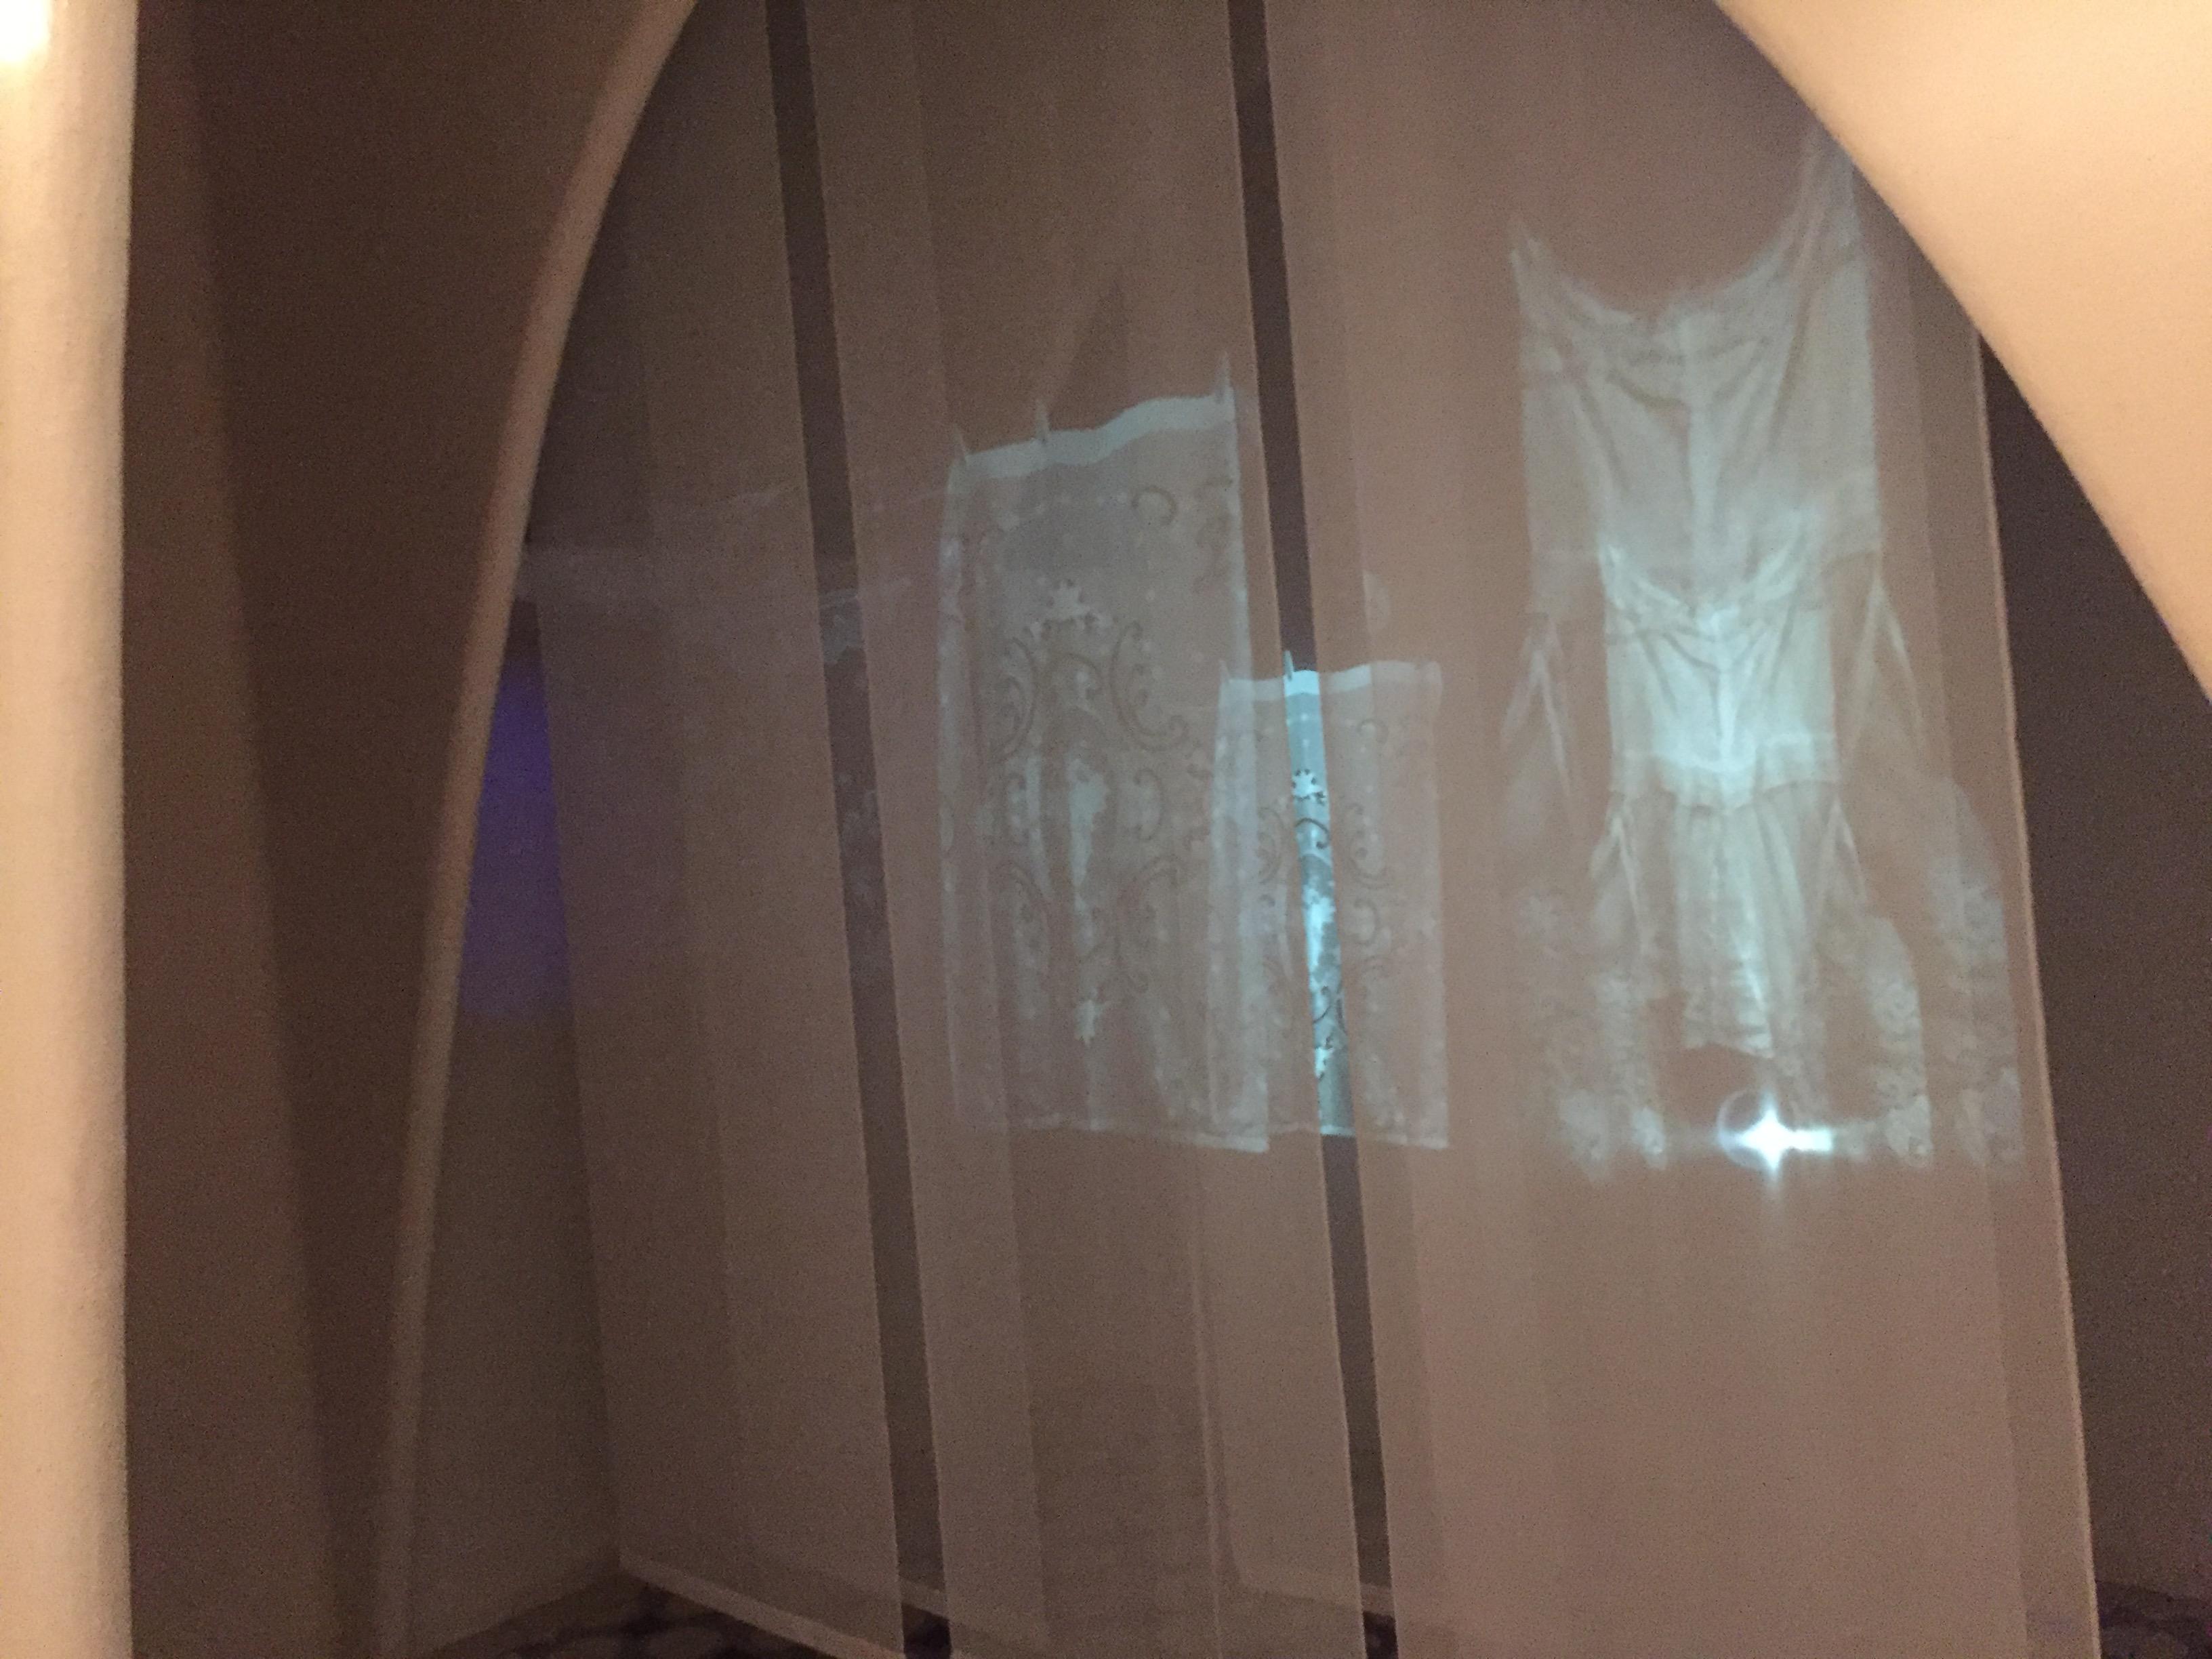 IMG 0884 - Visita a la Casa Batlló en Barcelona Parte II/II